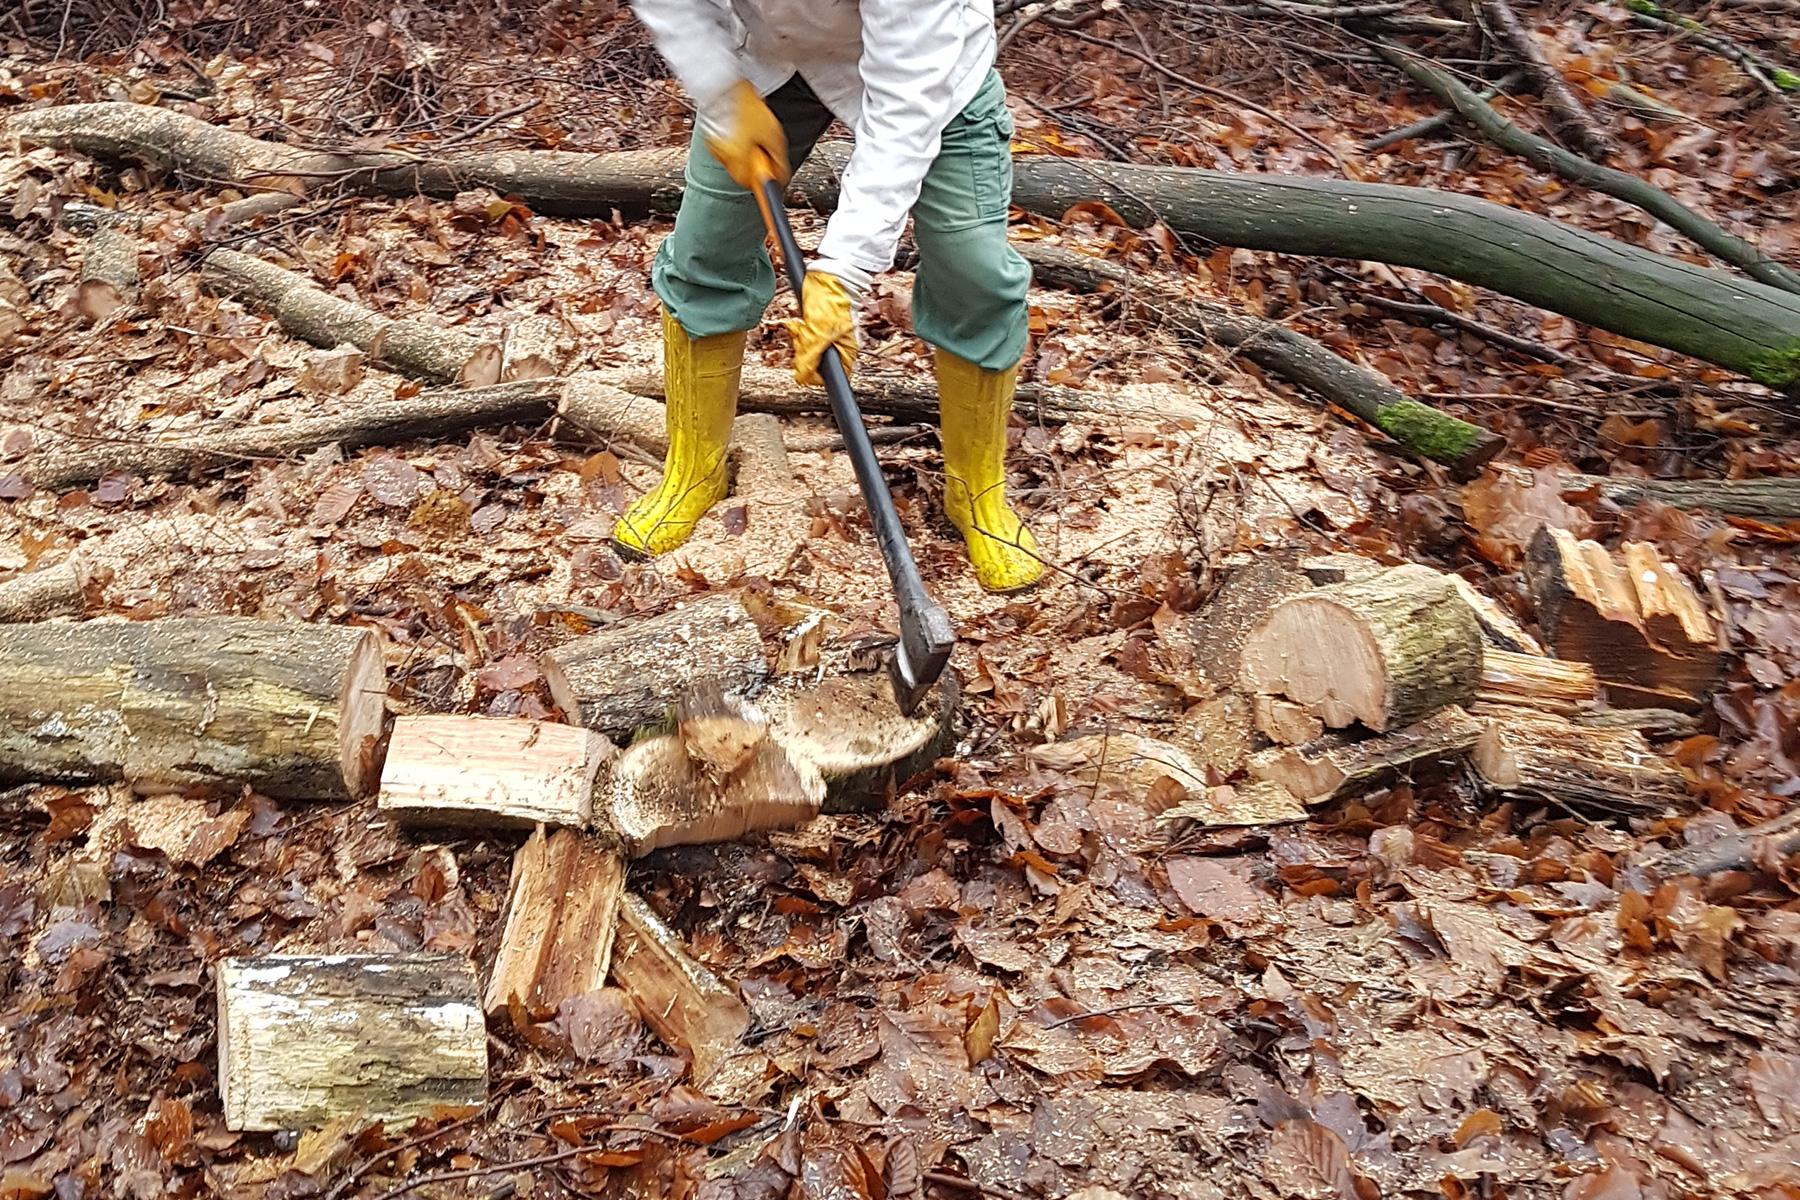 Baumdienst Baumfällung Brennholz